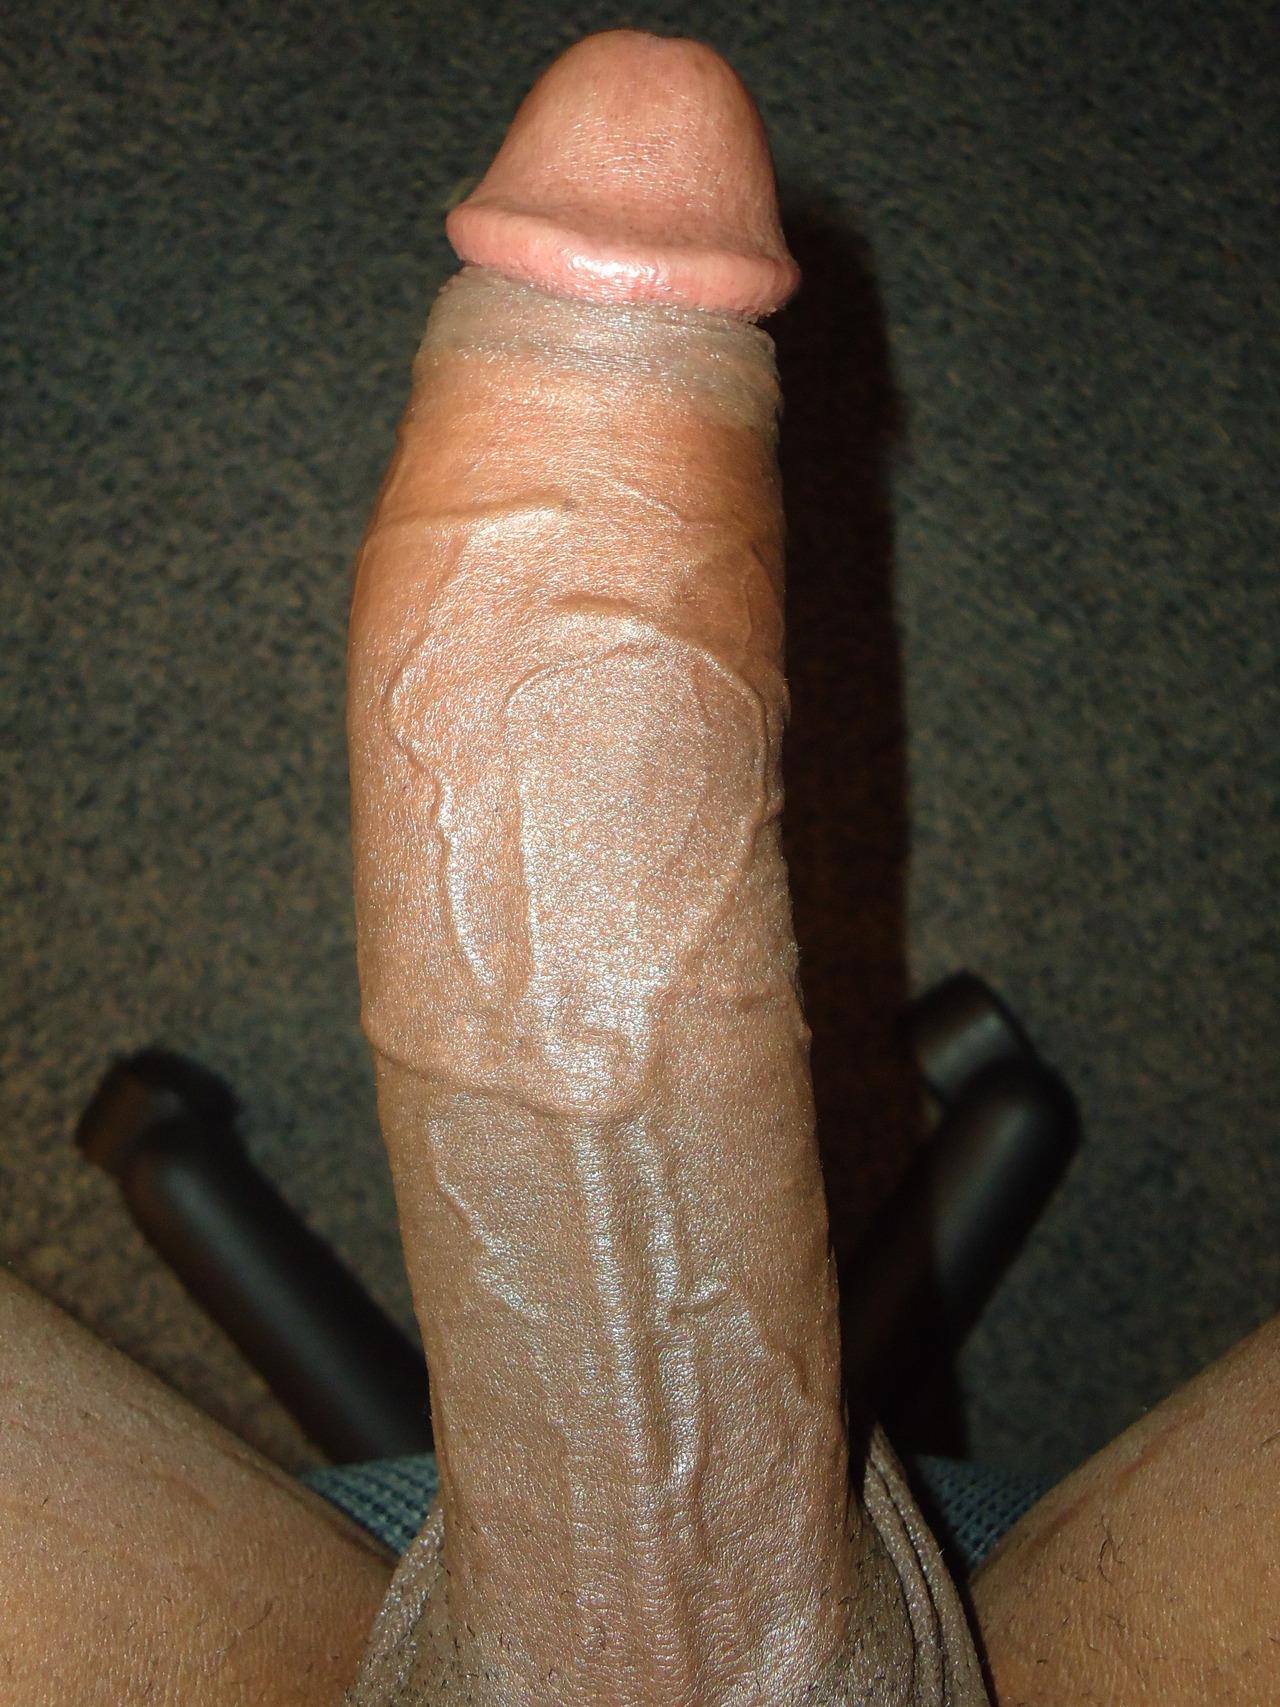 Nolwenn leroy nude